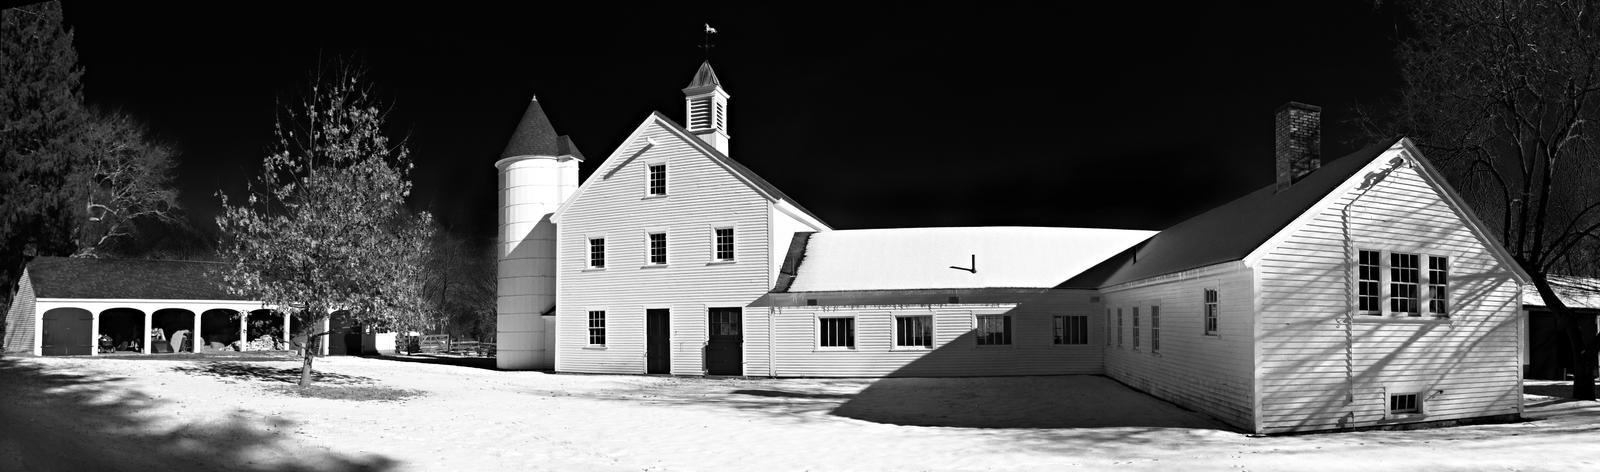 millborn farm by eDDie-TK